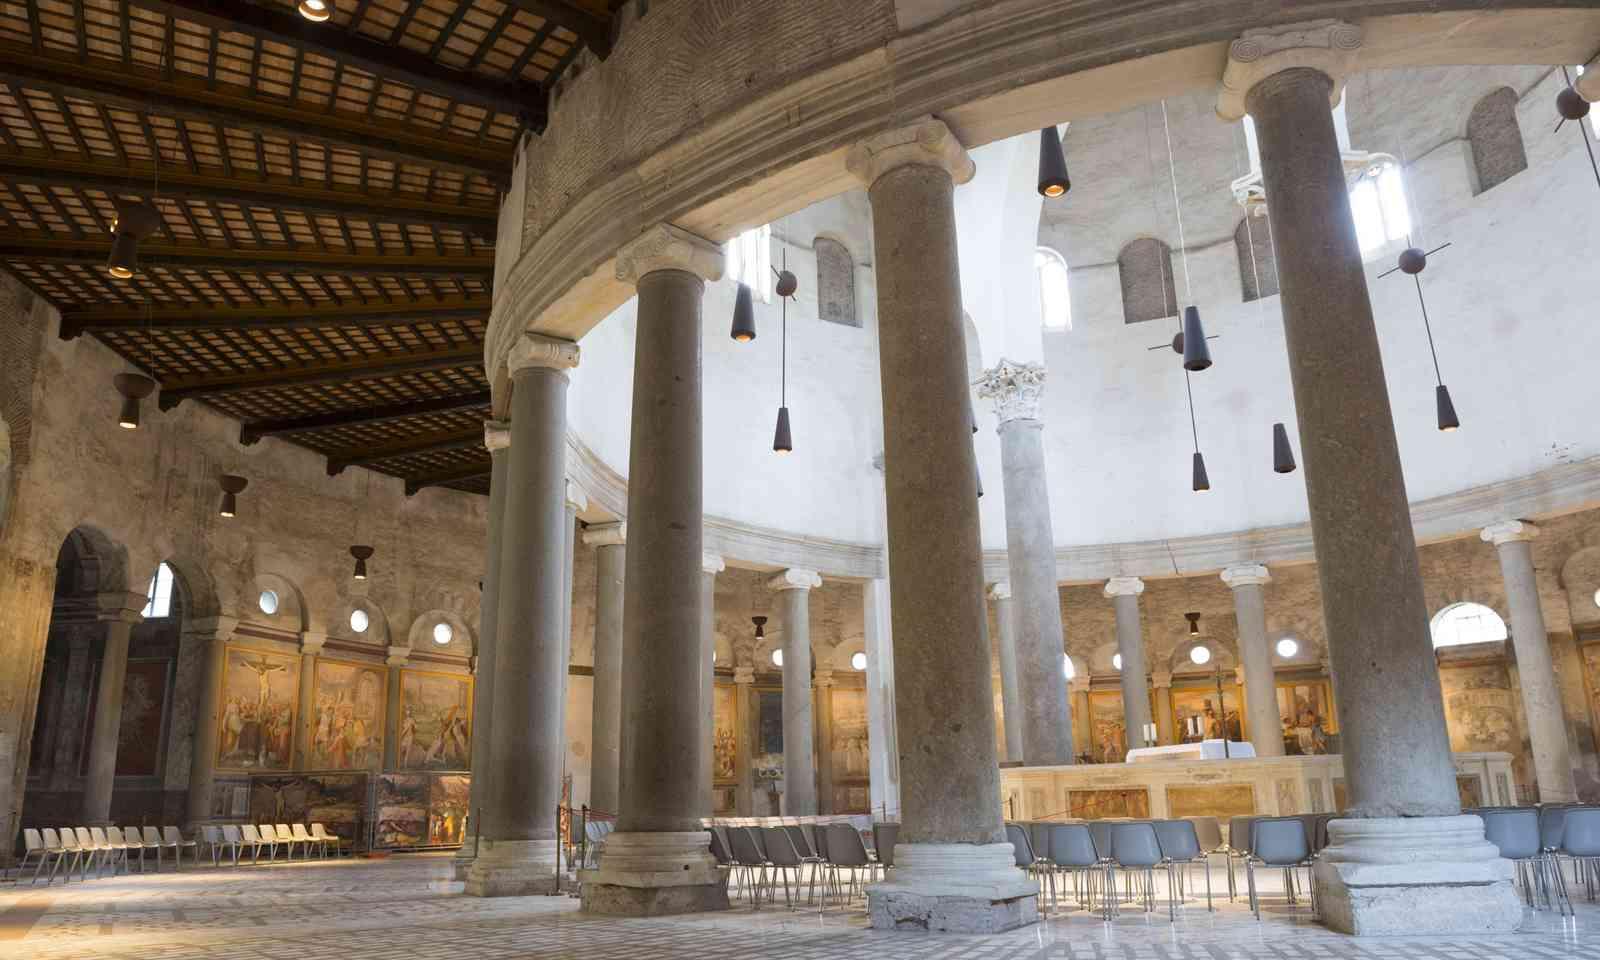 Interior of Santo Stefano Rotondo Basilica (Shutterstock.com)